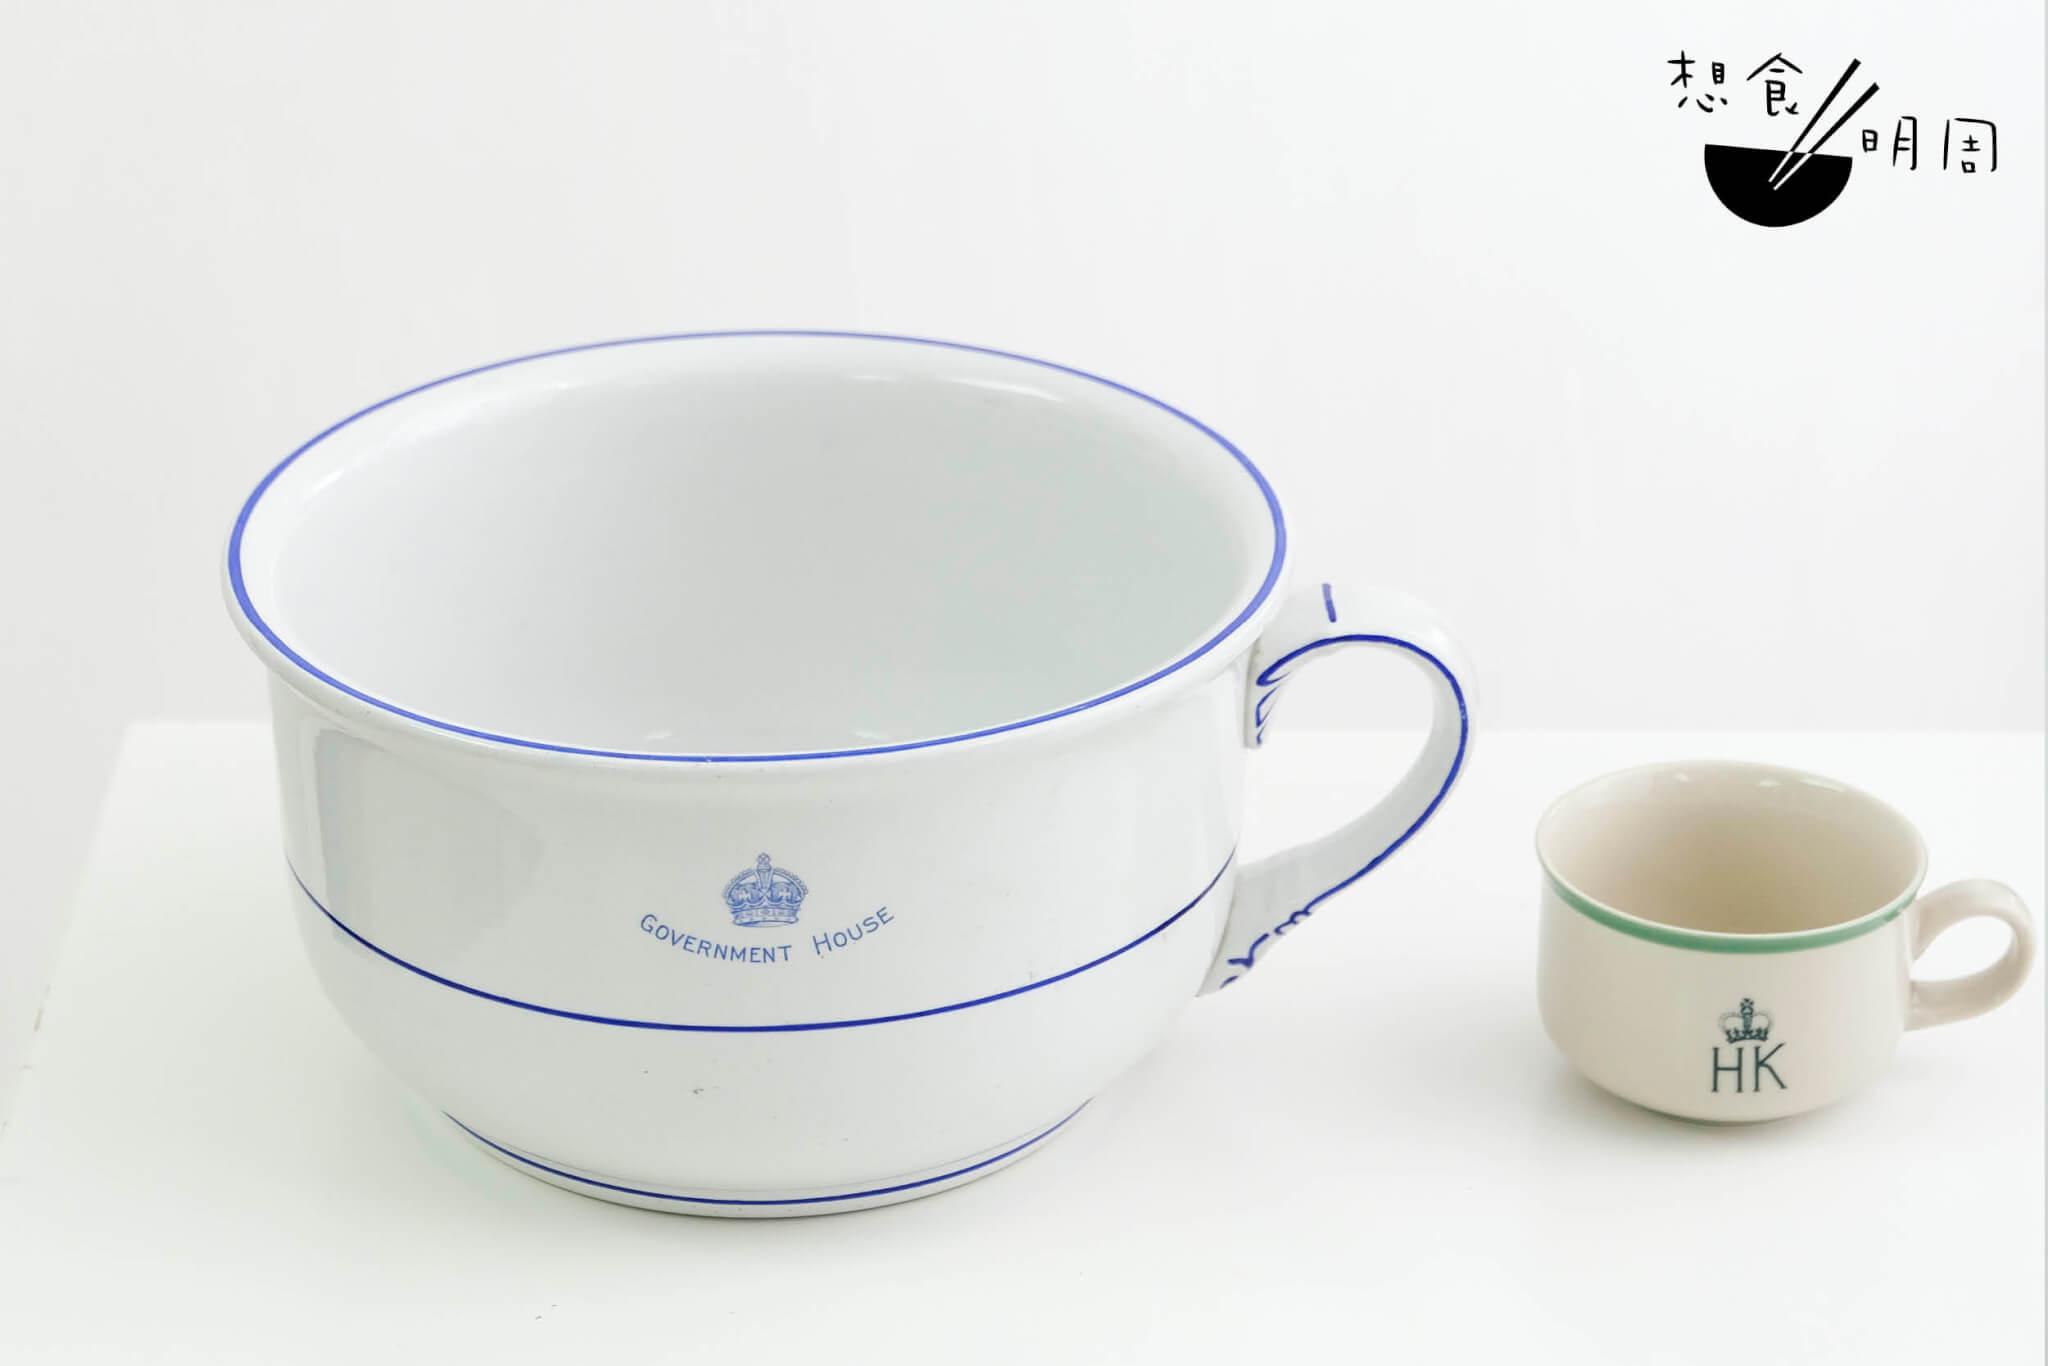 意外趣聞 // 右邊是正常的茶啡杯,左邊這看似加大版「杯具」,據說是予僕人使用的尿盅,令人驚奇。